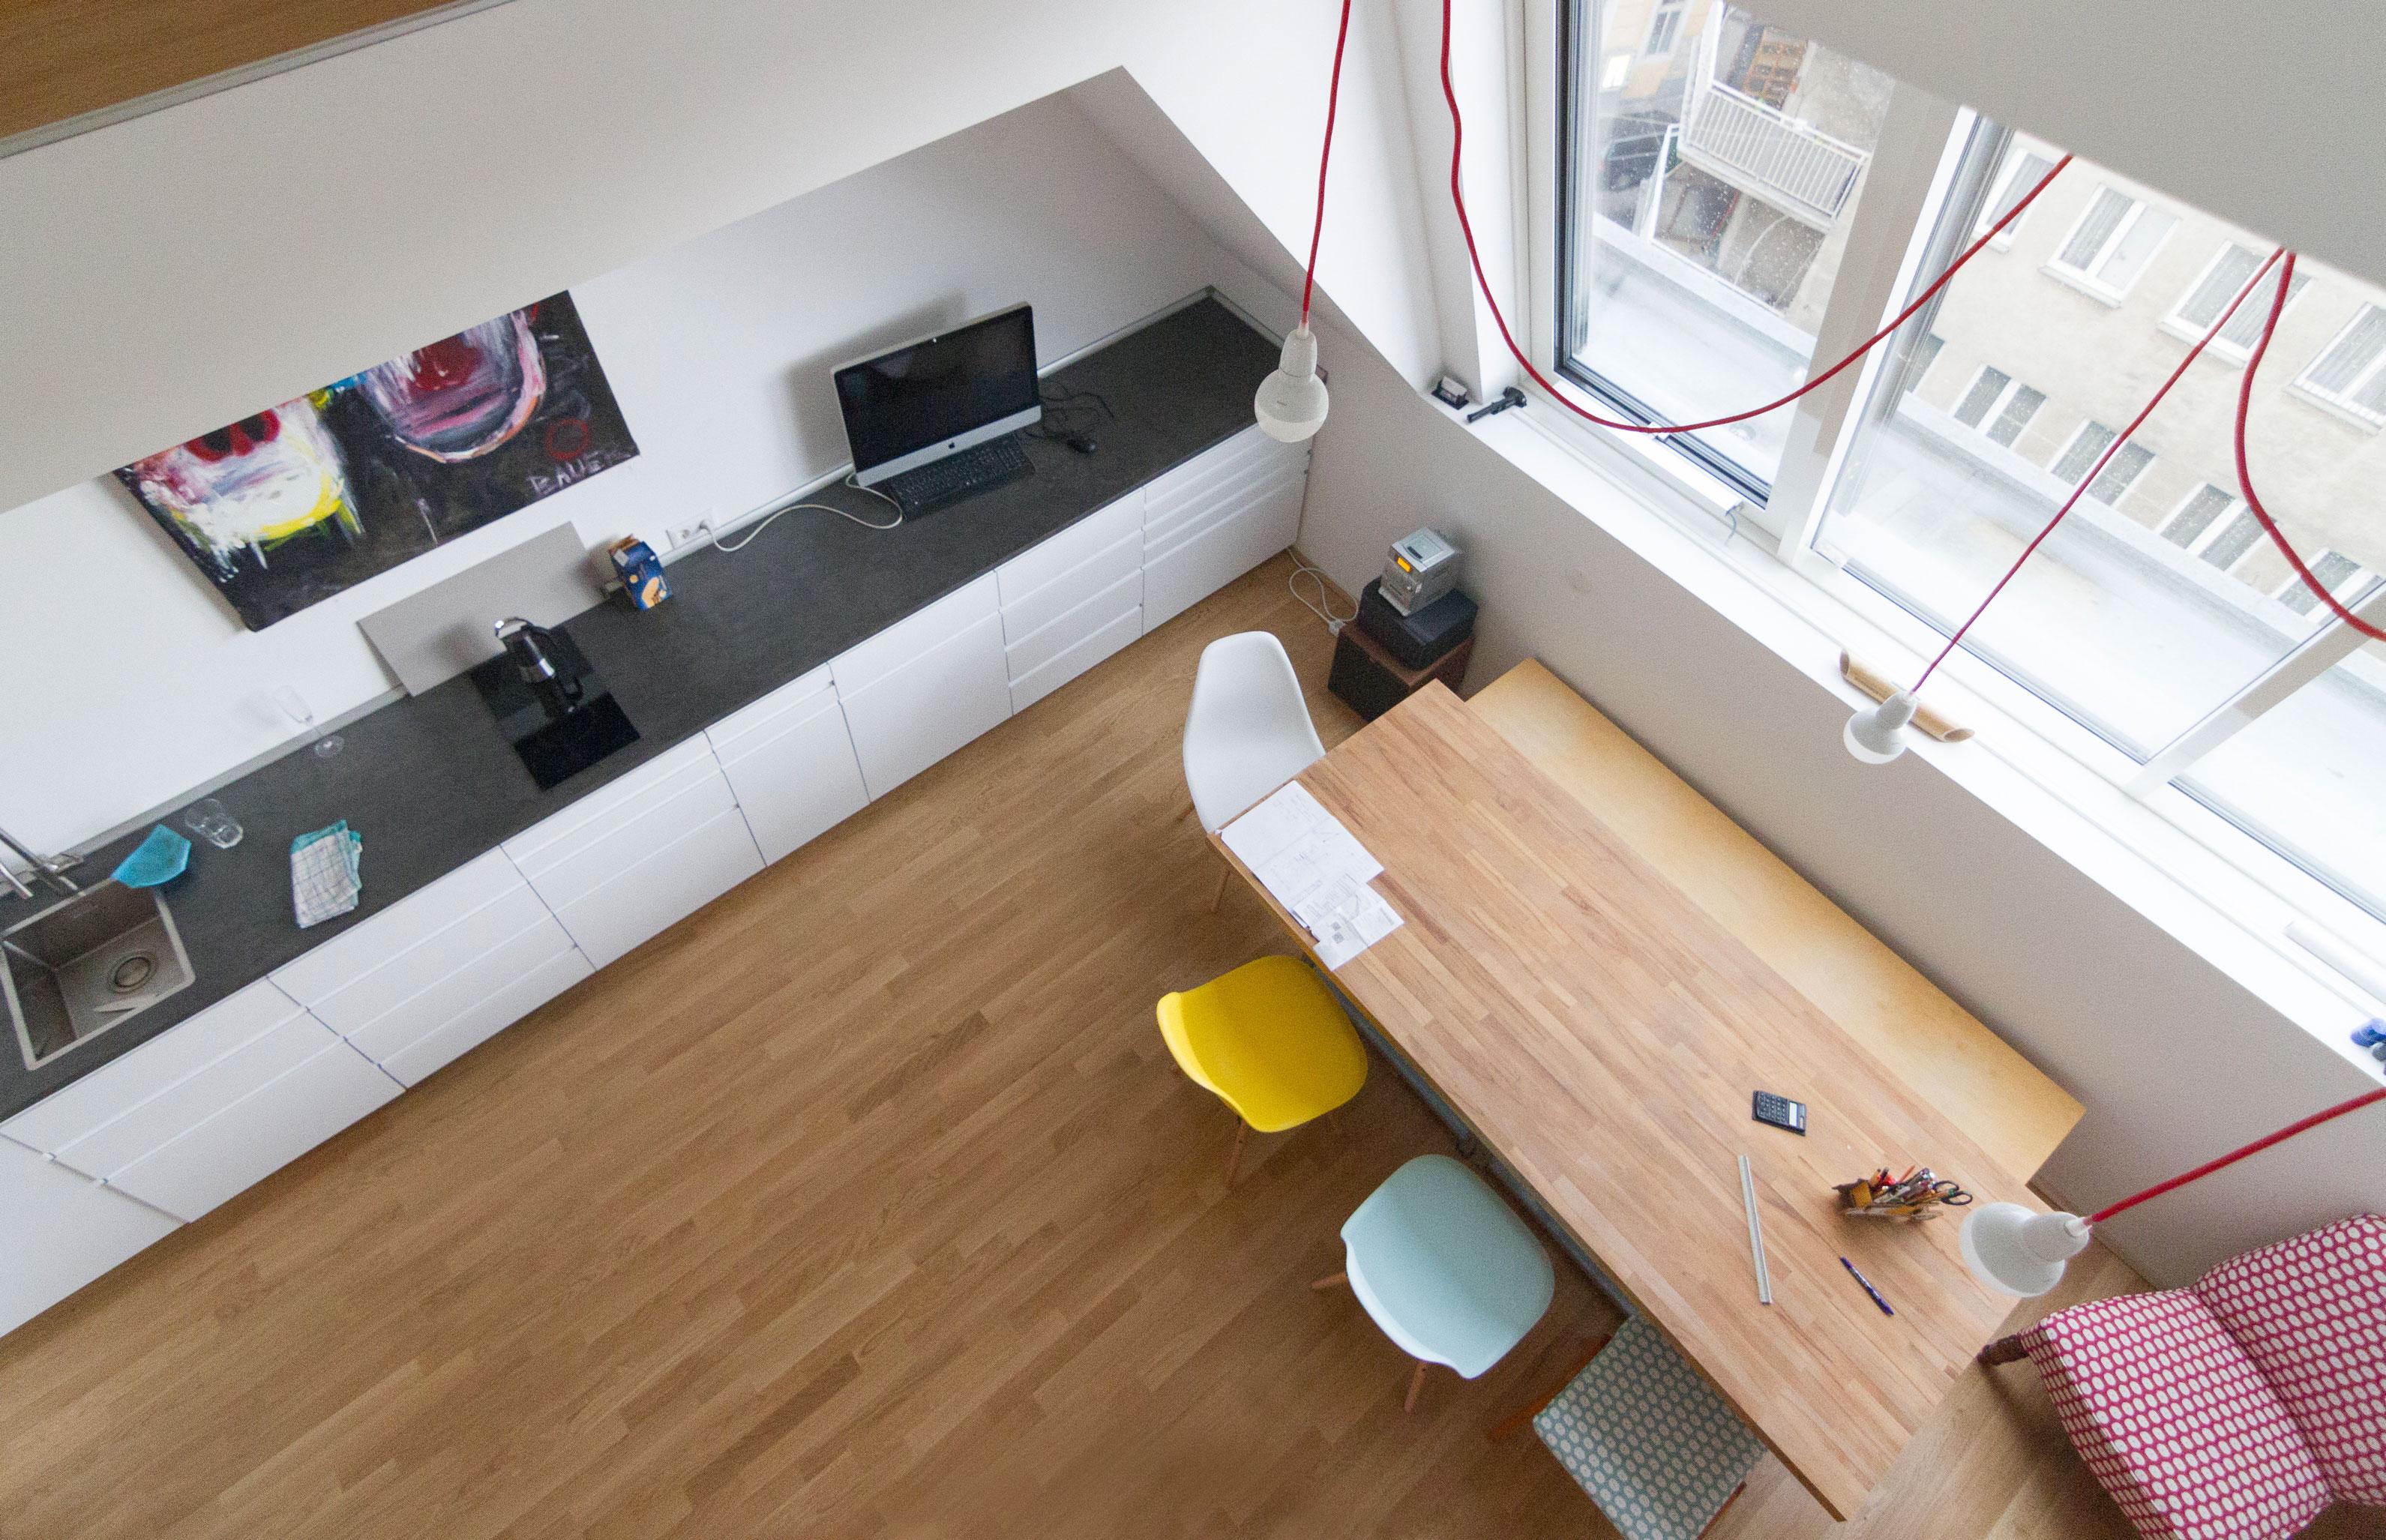 Küche und Besprechung